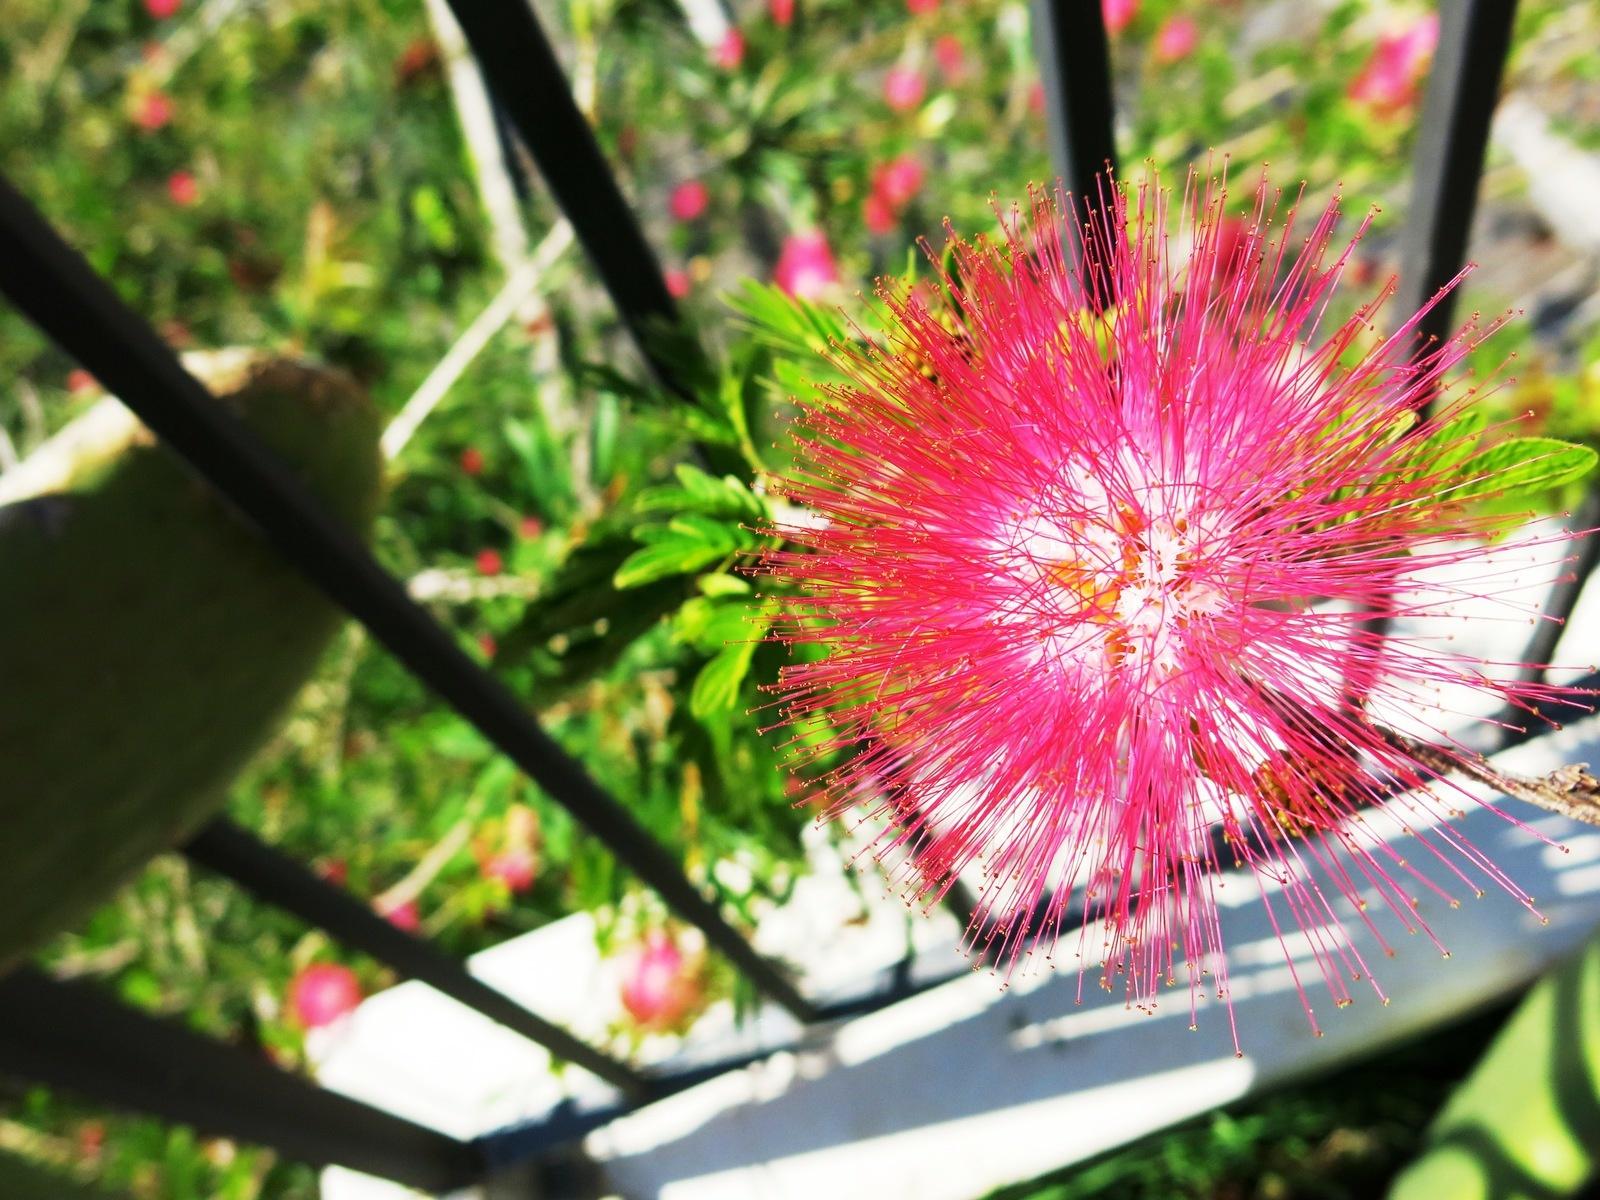 terre sainte en israel Faune et flore Fleur rouge